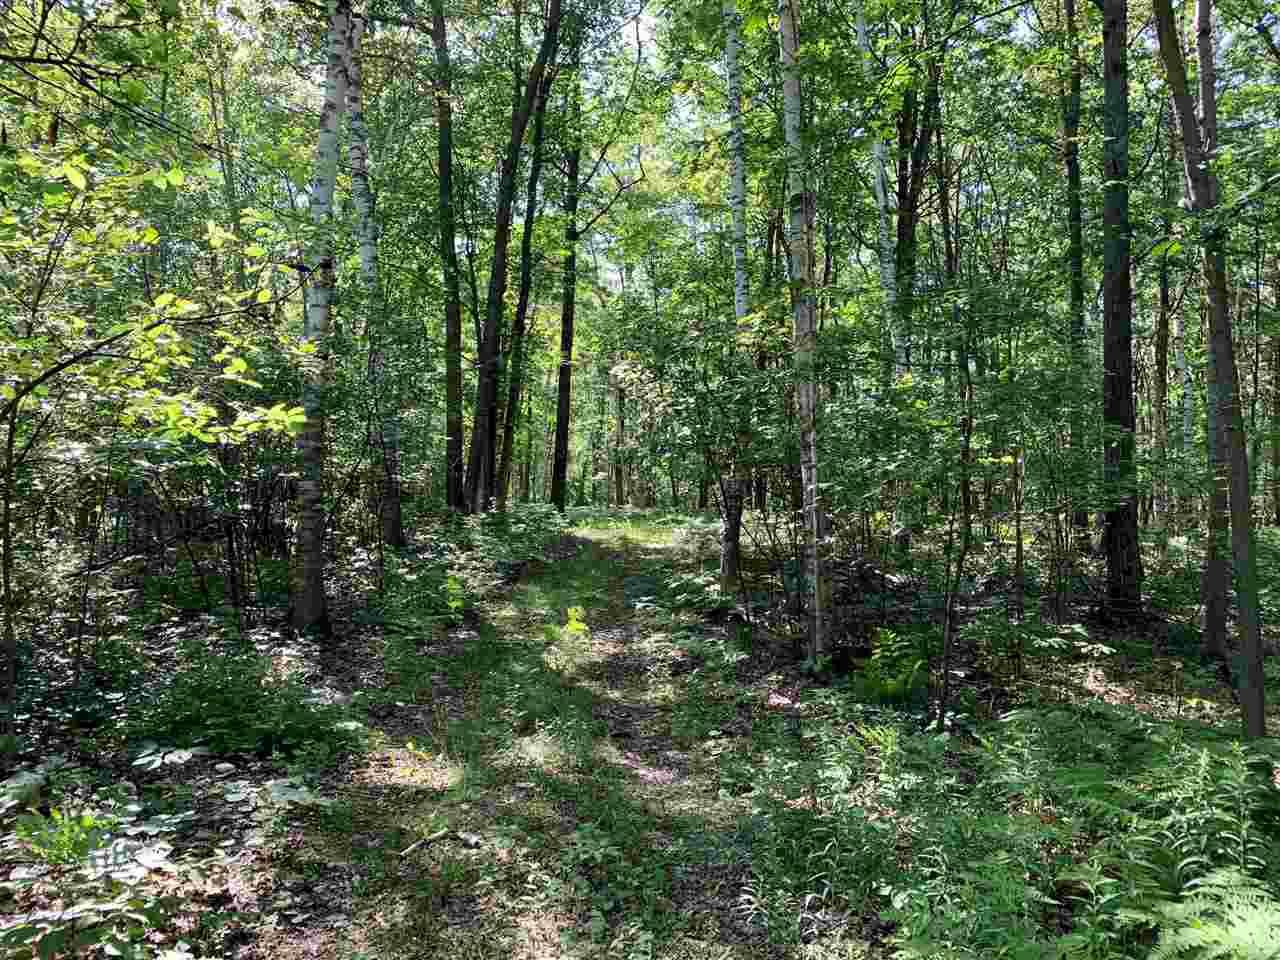 E PINE TREE ROAD ROAD, SEVASTOPOL, WI 54235